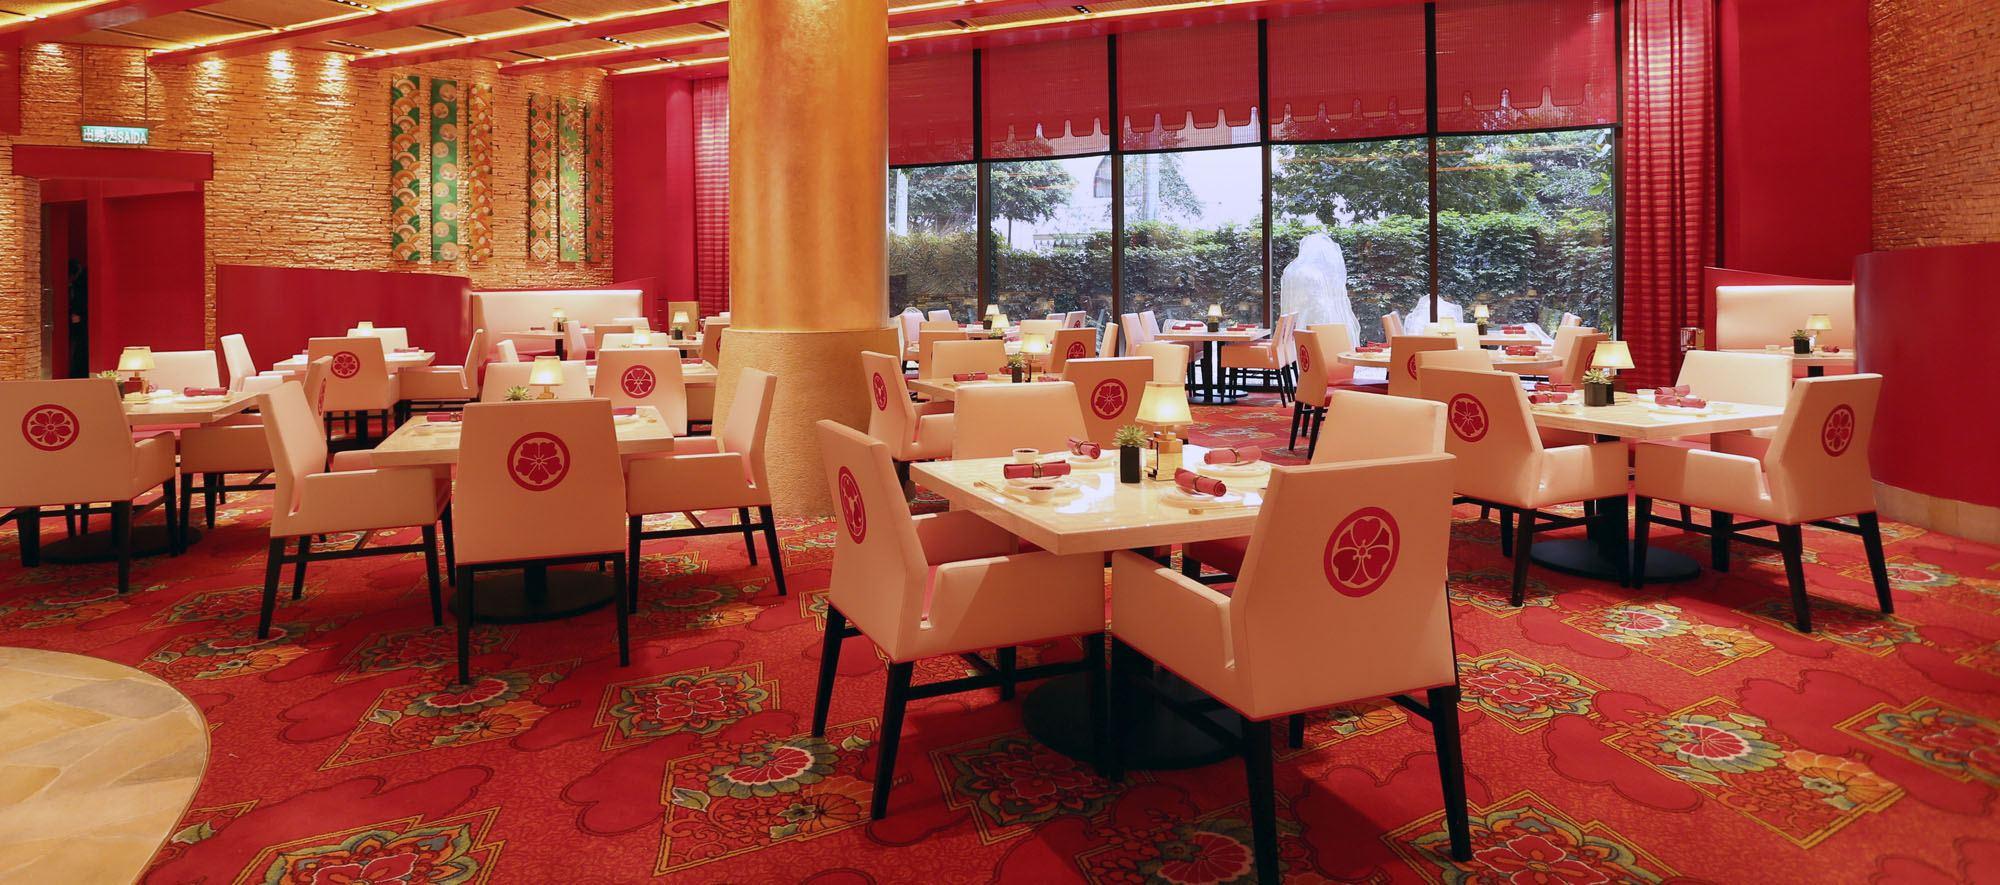 RITZ-Restaurant-Nickel